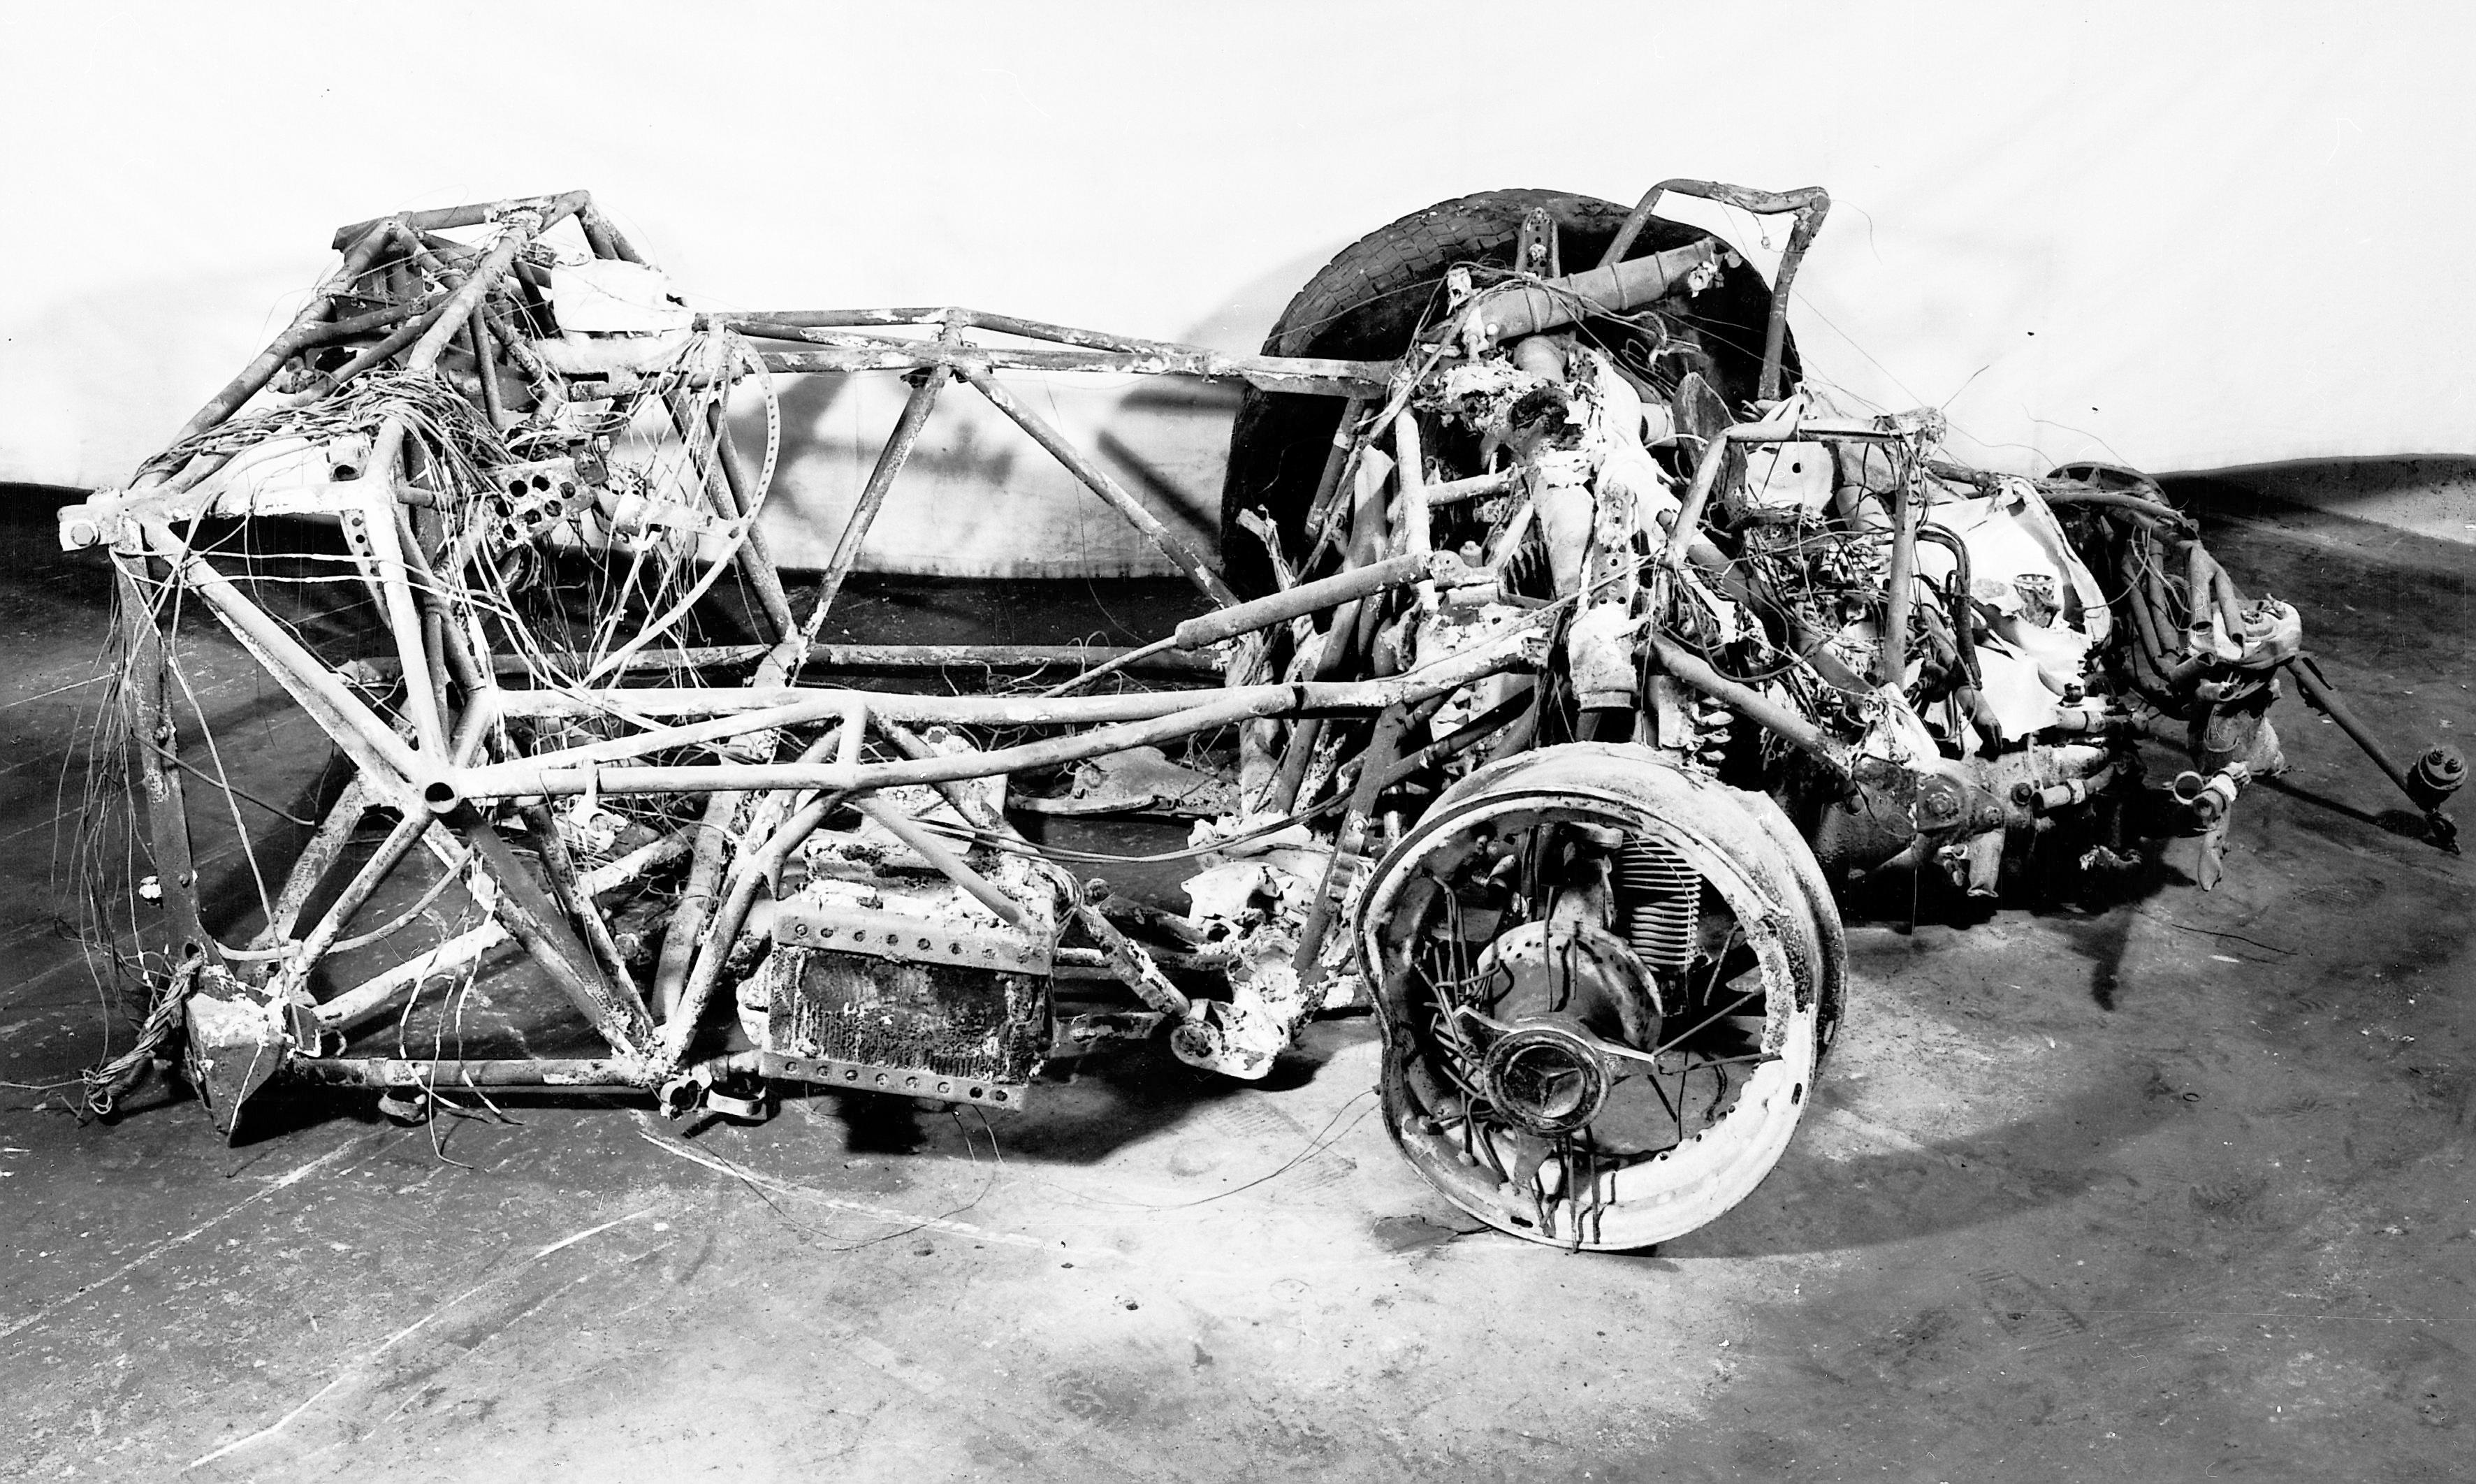 Le Mans 1955 - 300 SL